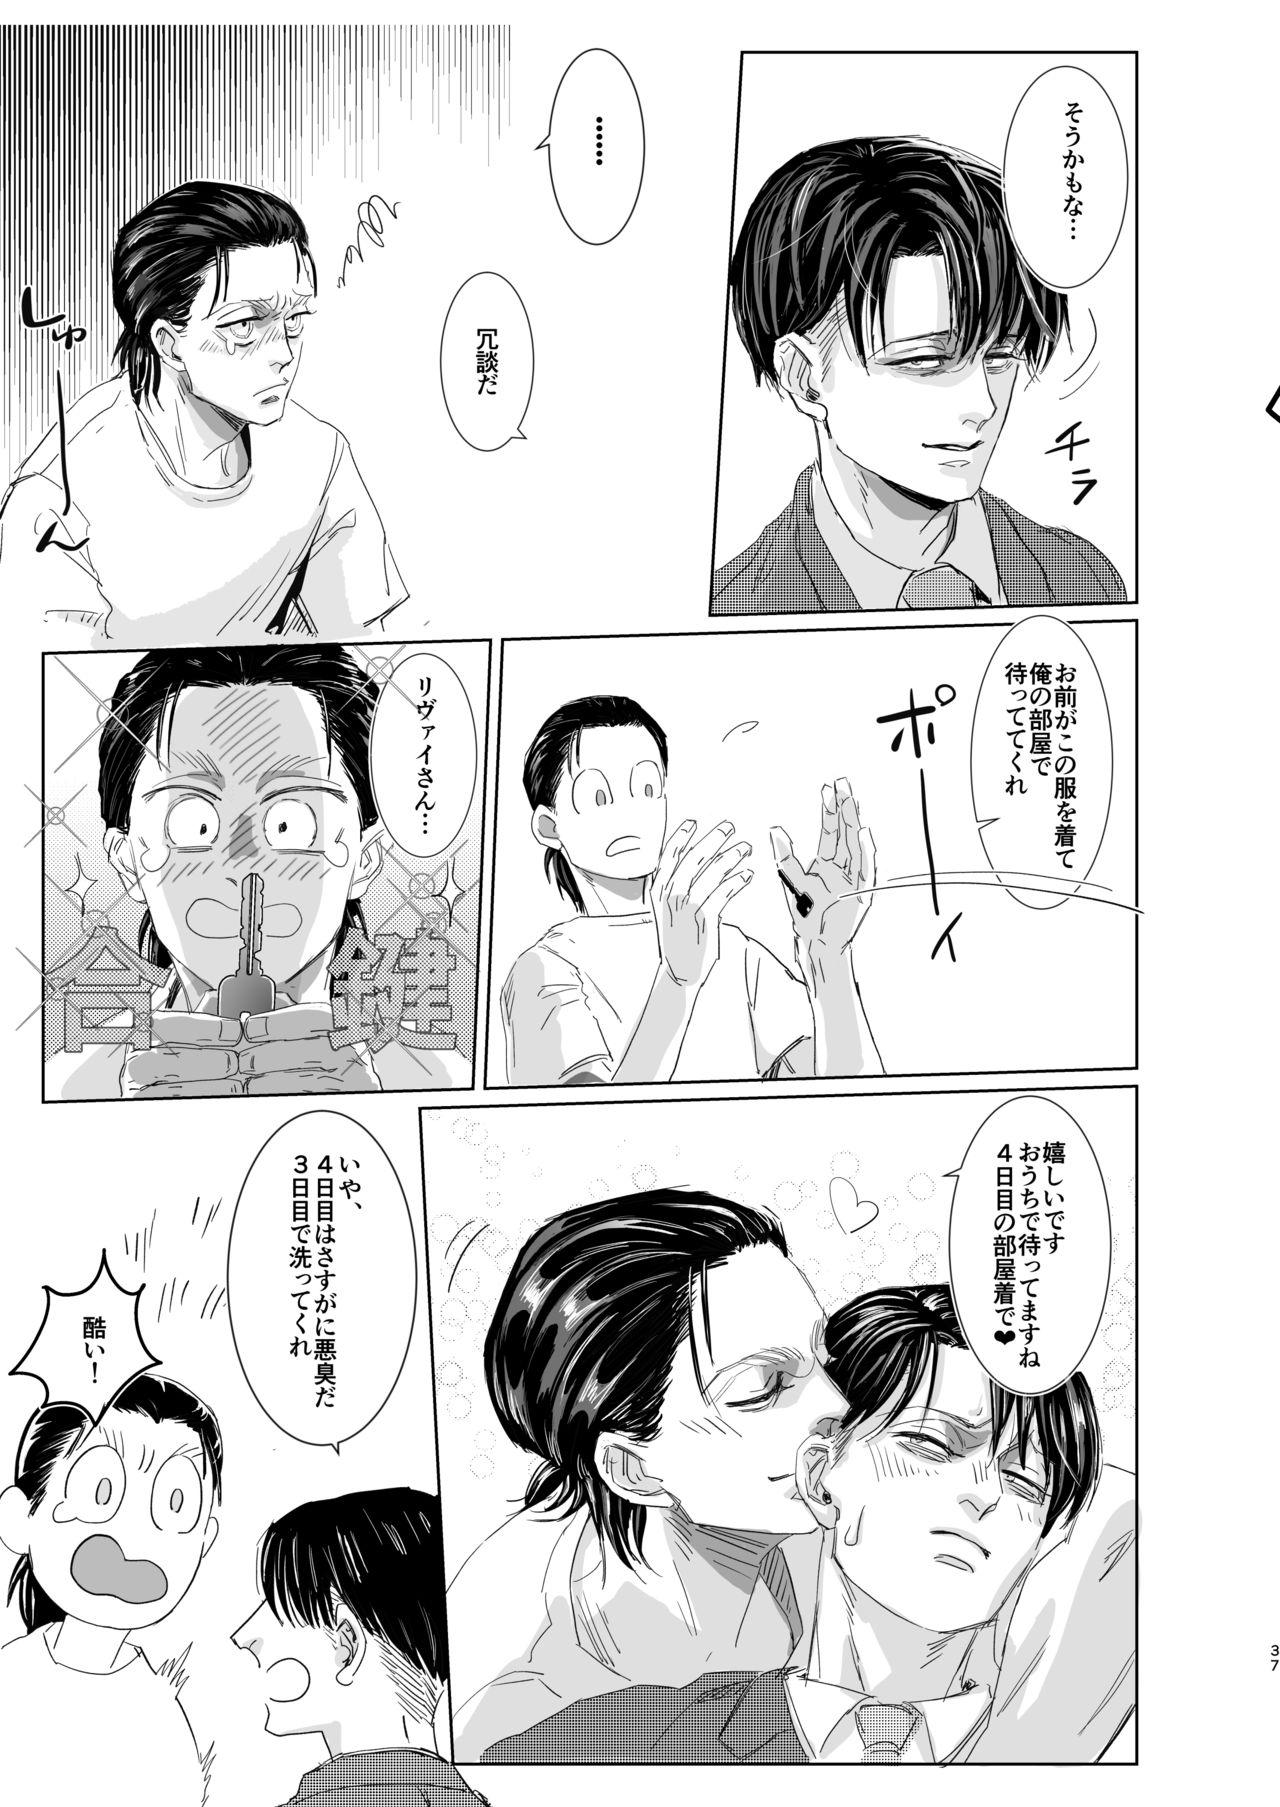 Ore no Kareshi ga Ore no Nioi o Sukisugite Komaru! 35